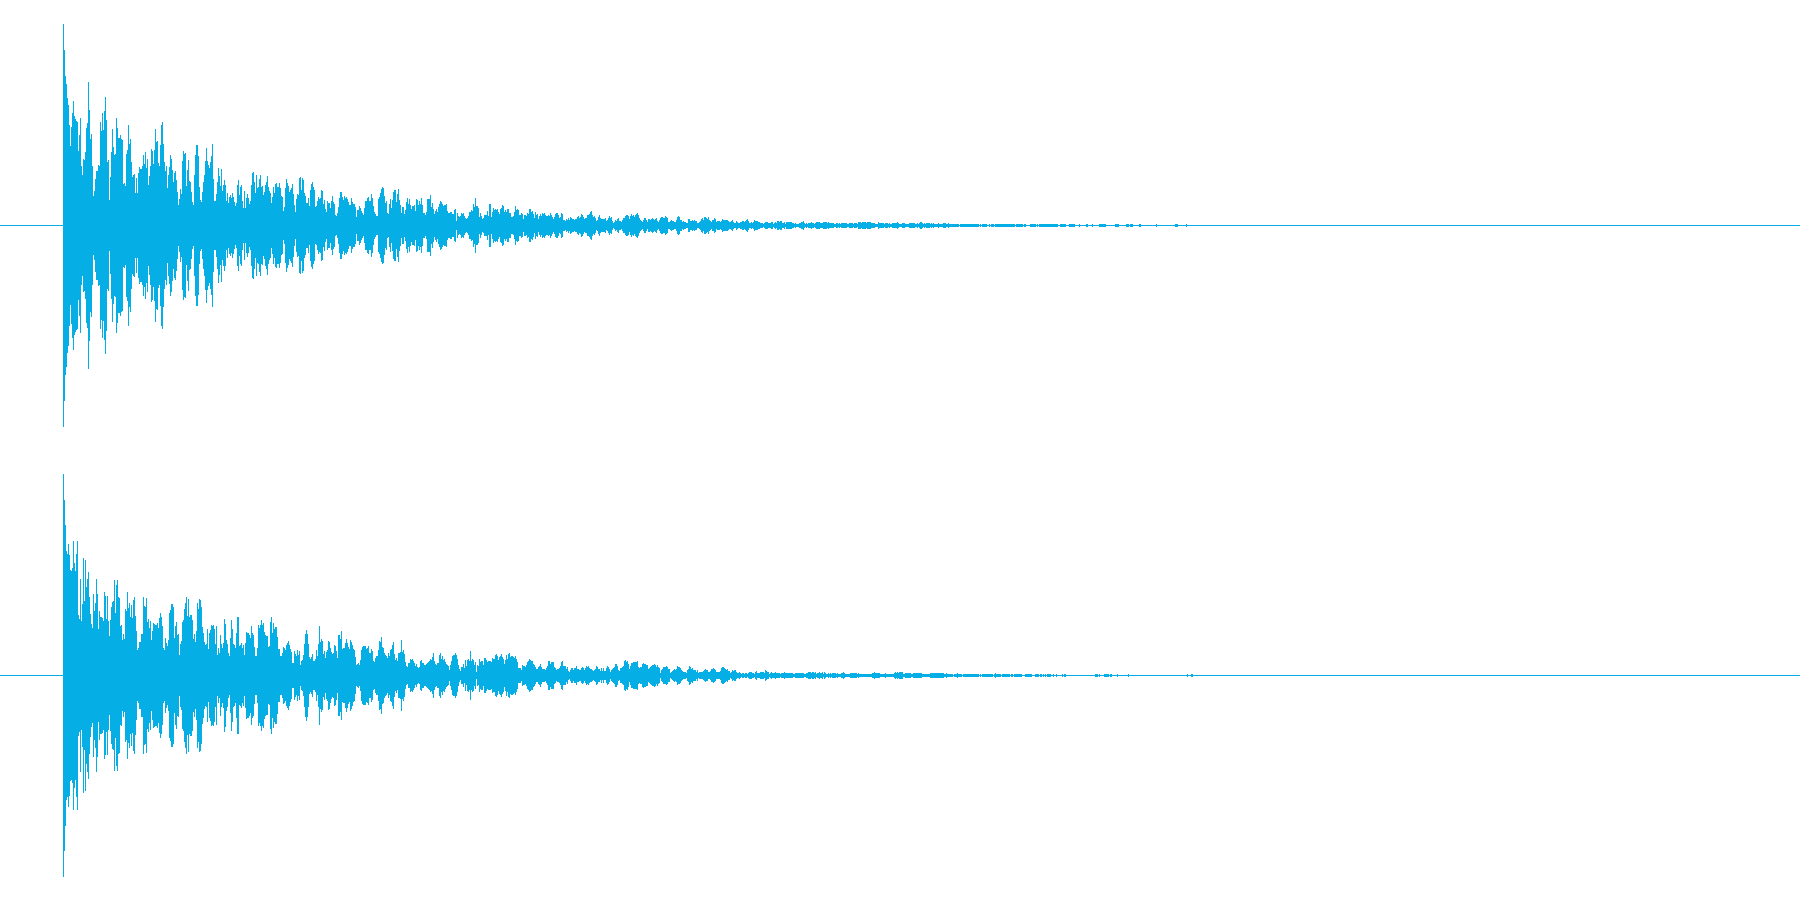 【アクセント44-1】の再生済みの波形